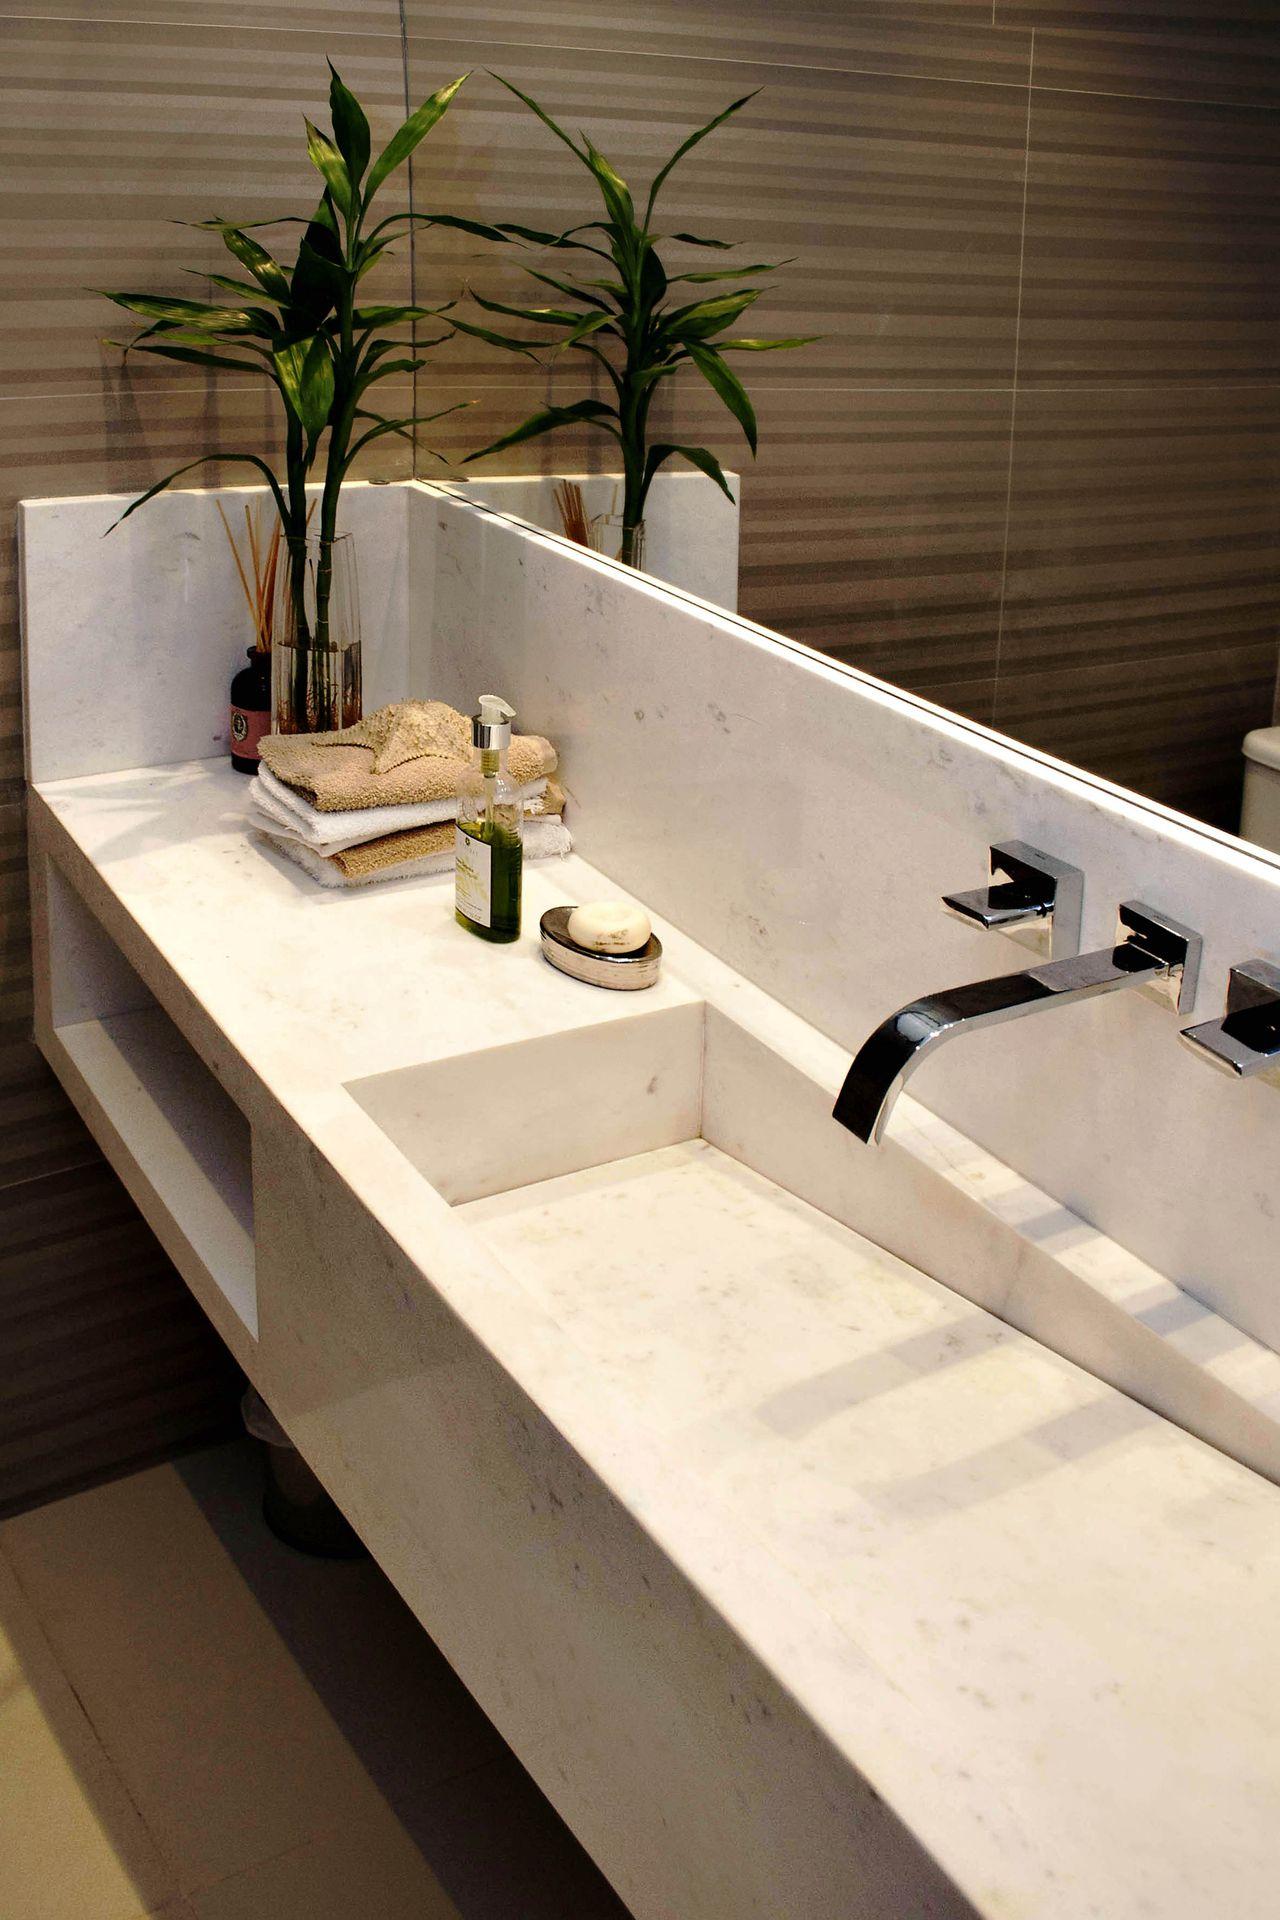 lavabo cuba esculpida em mà rmore de rawi arquitetura